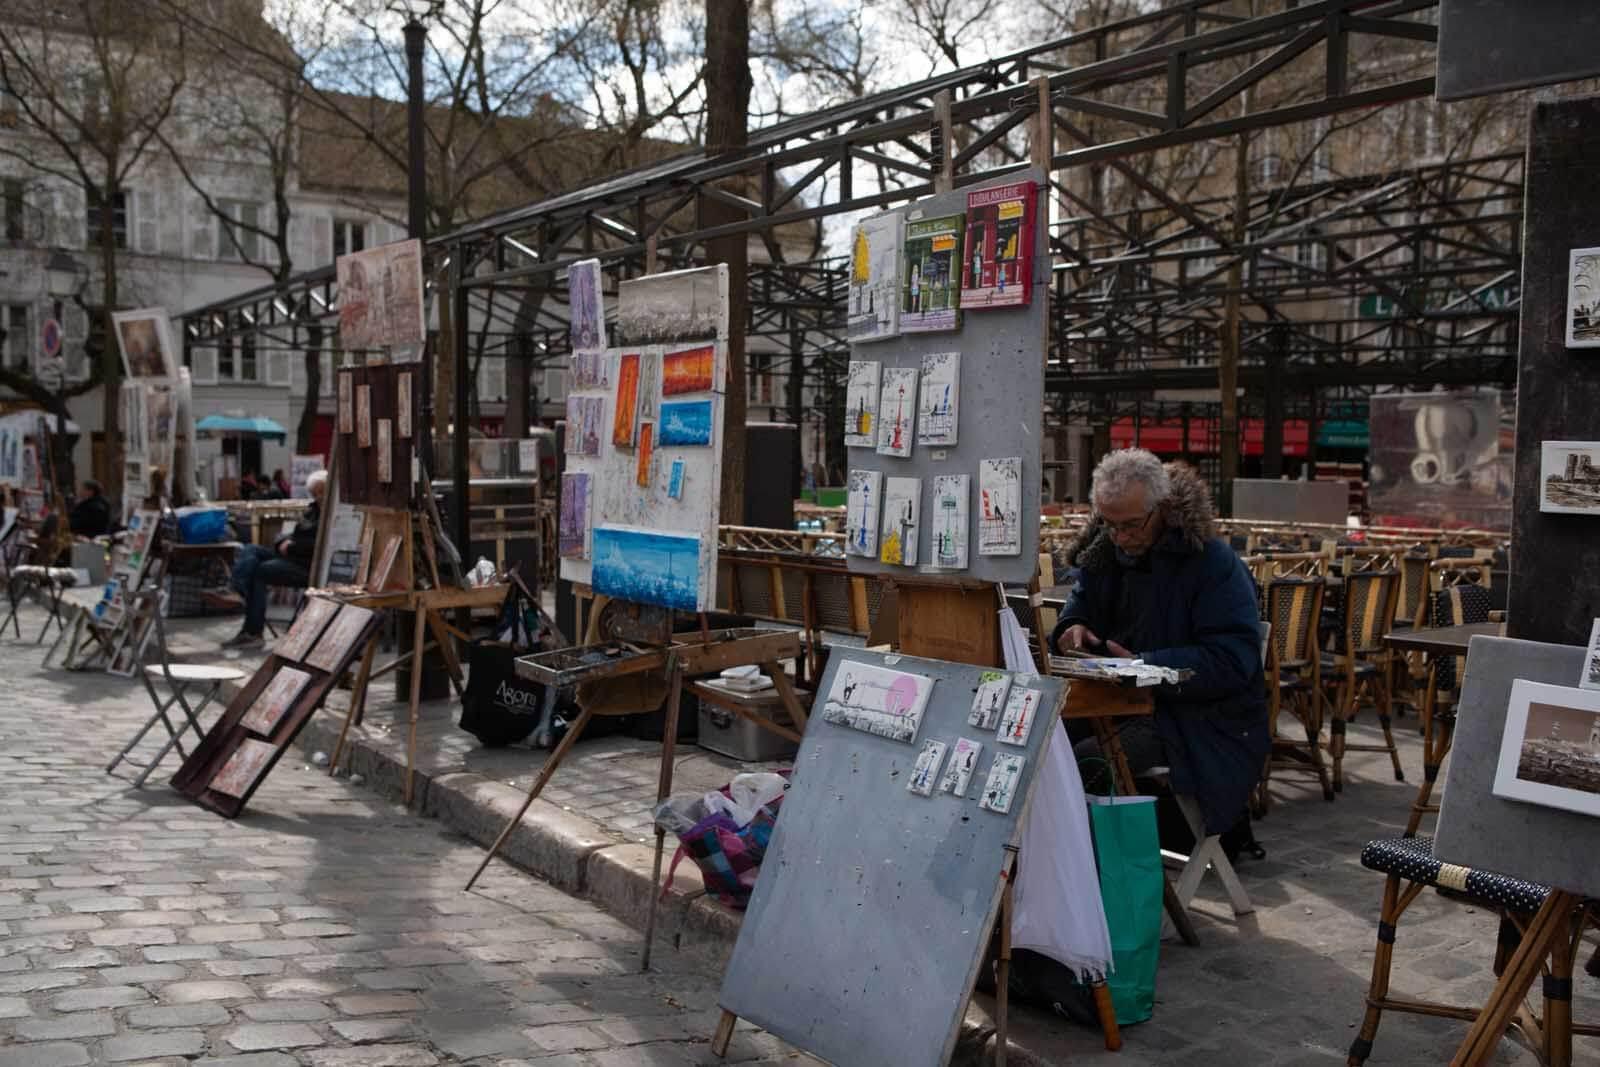 Place de Tertre artists at work in Montmartre Paris